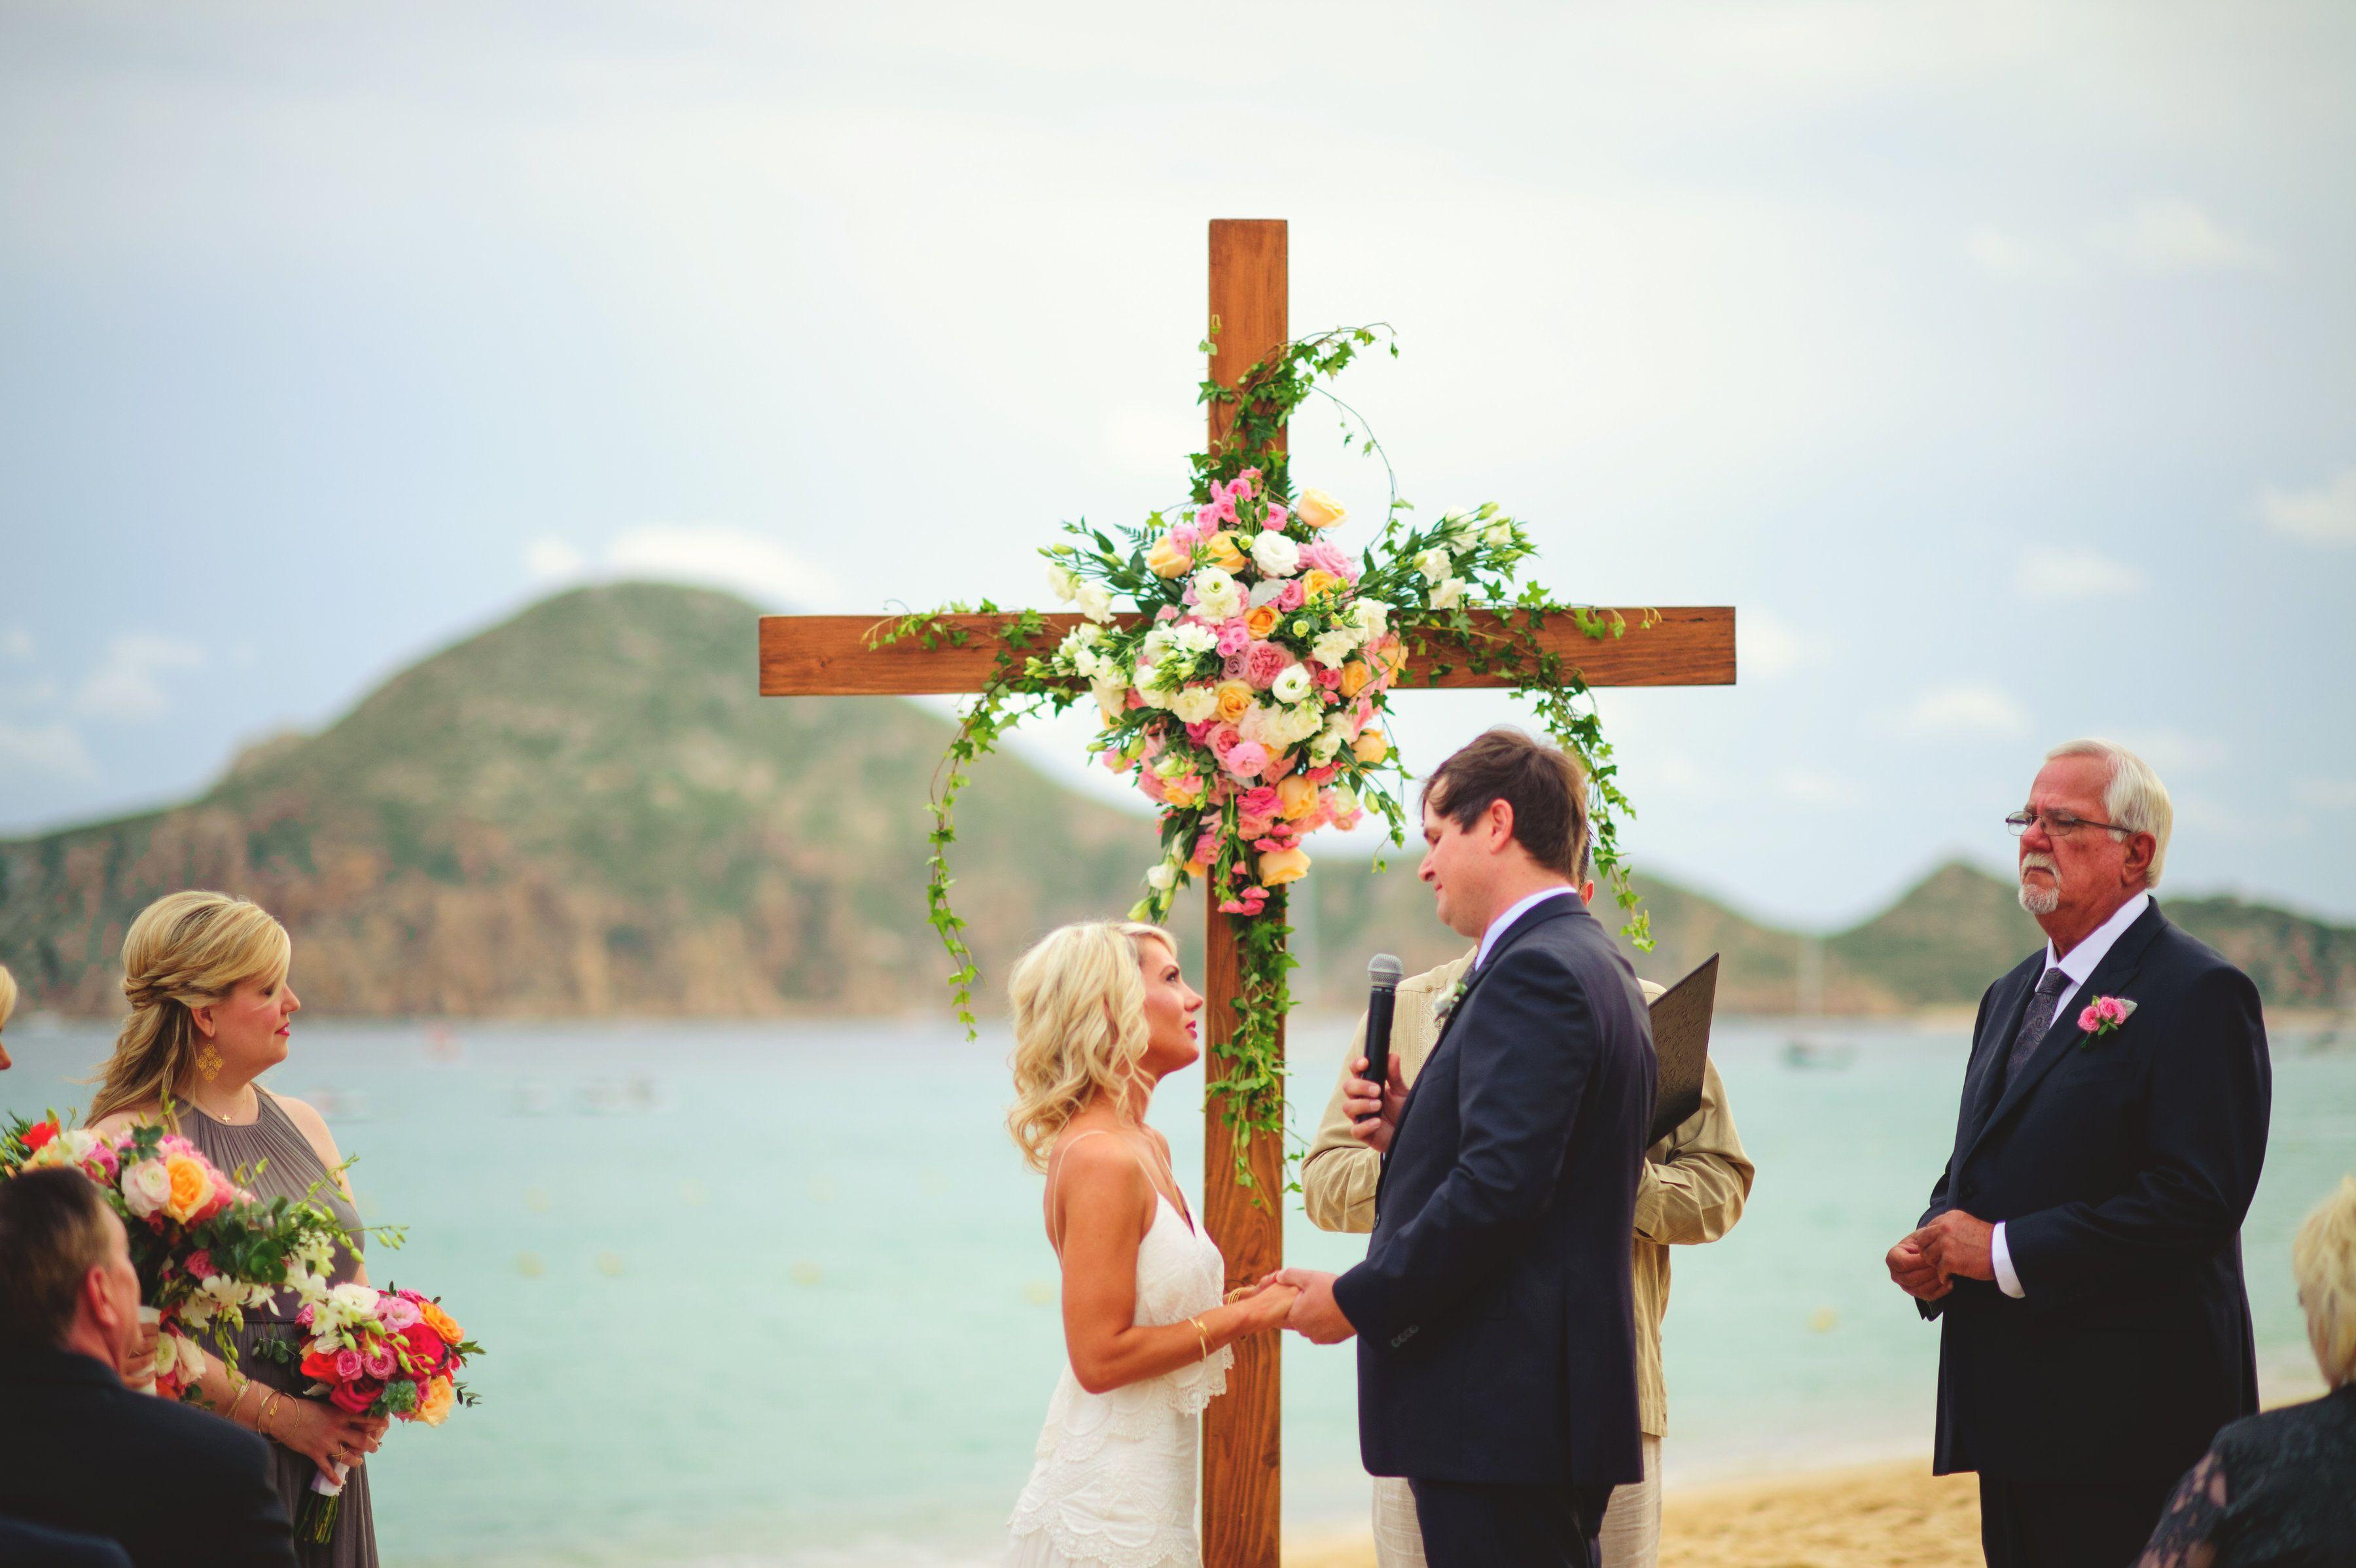 Beach Wedding Ceremony in Mexico at Villa la Estancia by Cabo Wedding Services